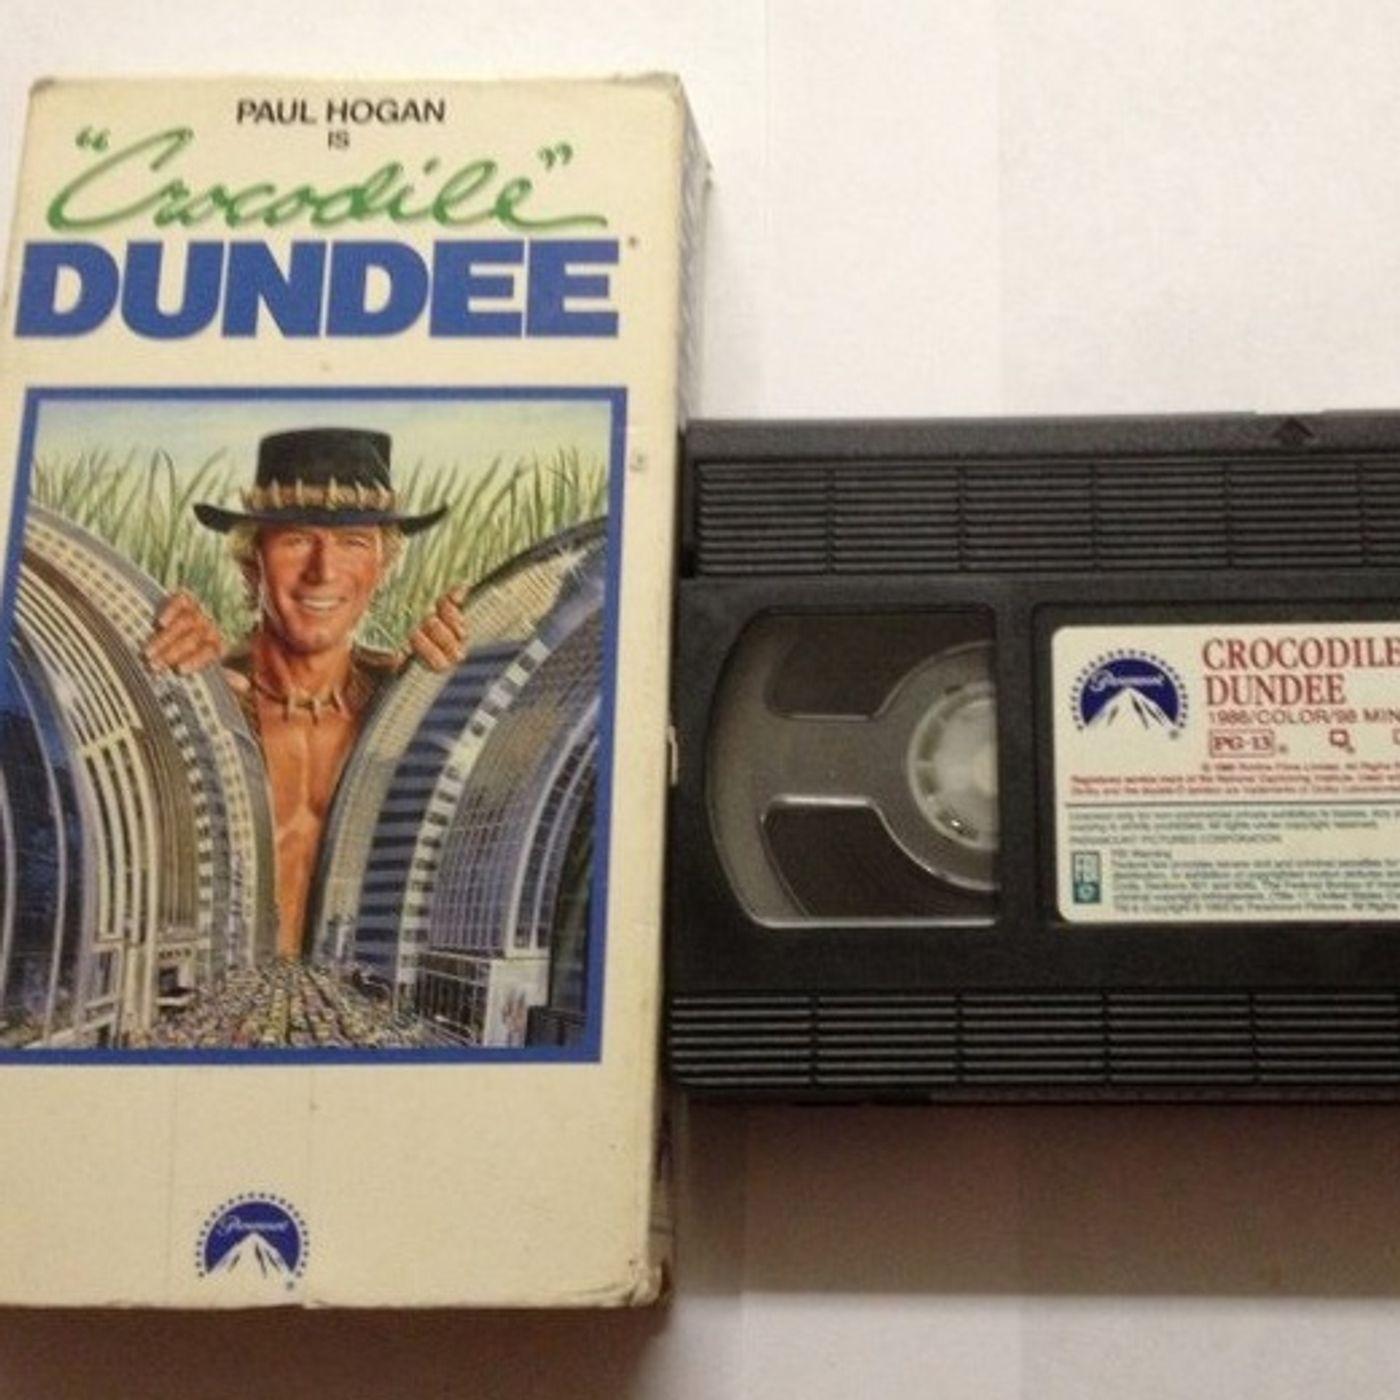 1986 - Crocodile Dundee